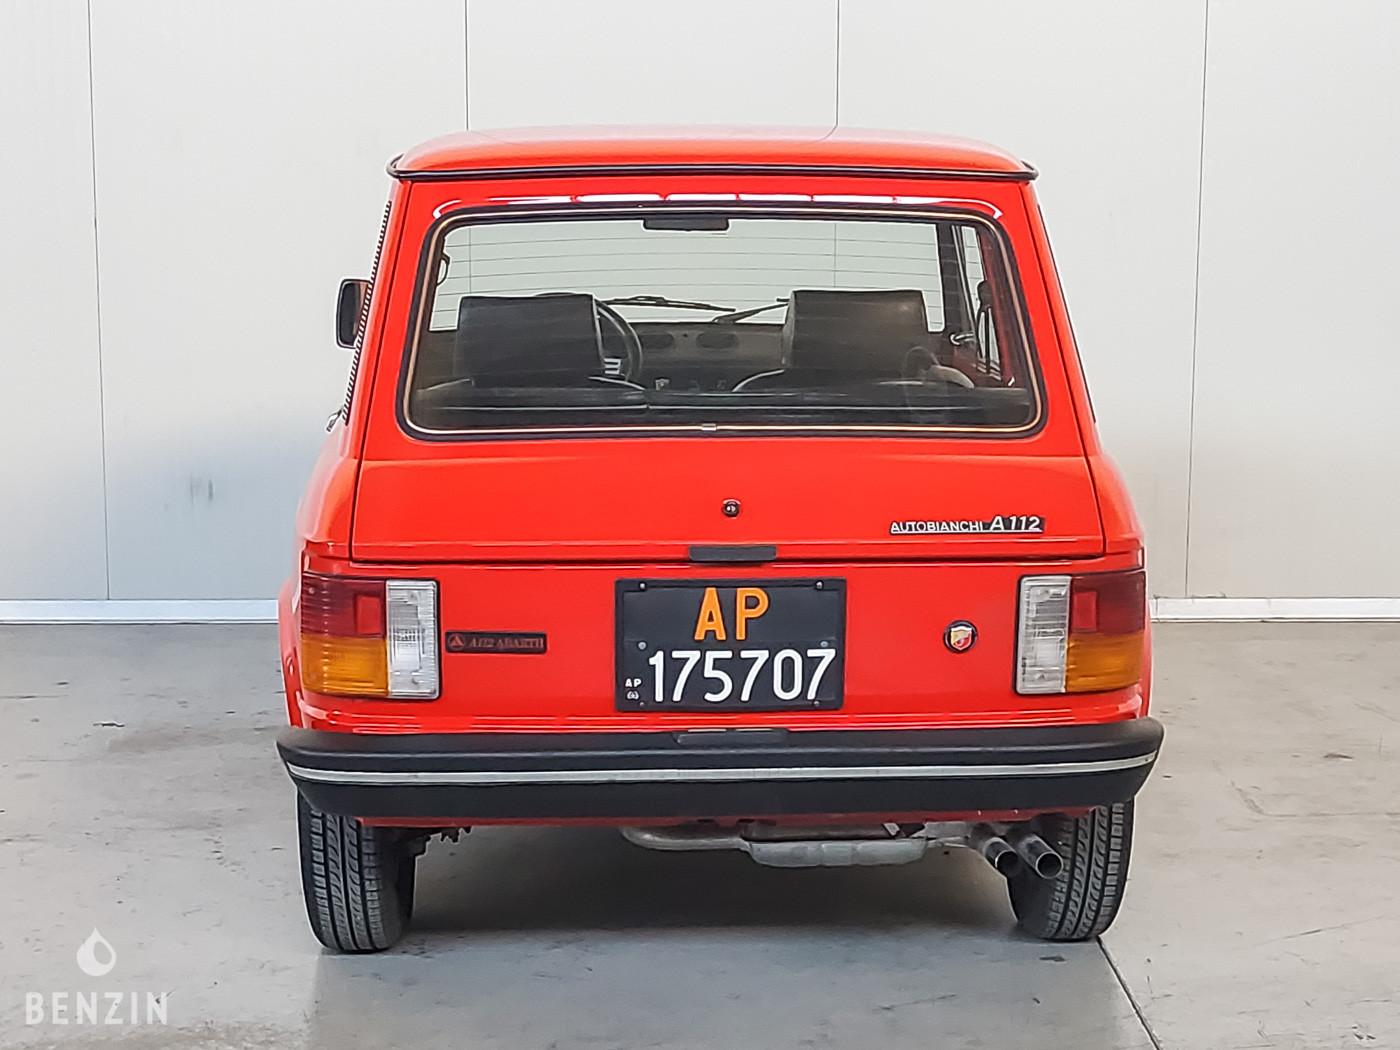 Autobianchi A112 abarth a vendre/ Autobianchi A112 abarth to sell/ Autobianchi A112 abarth verkaufen/ Autobianchi A112 abarth en venta